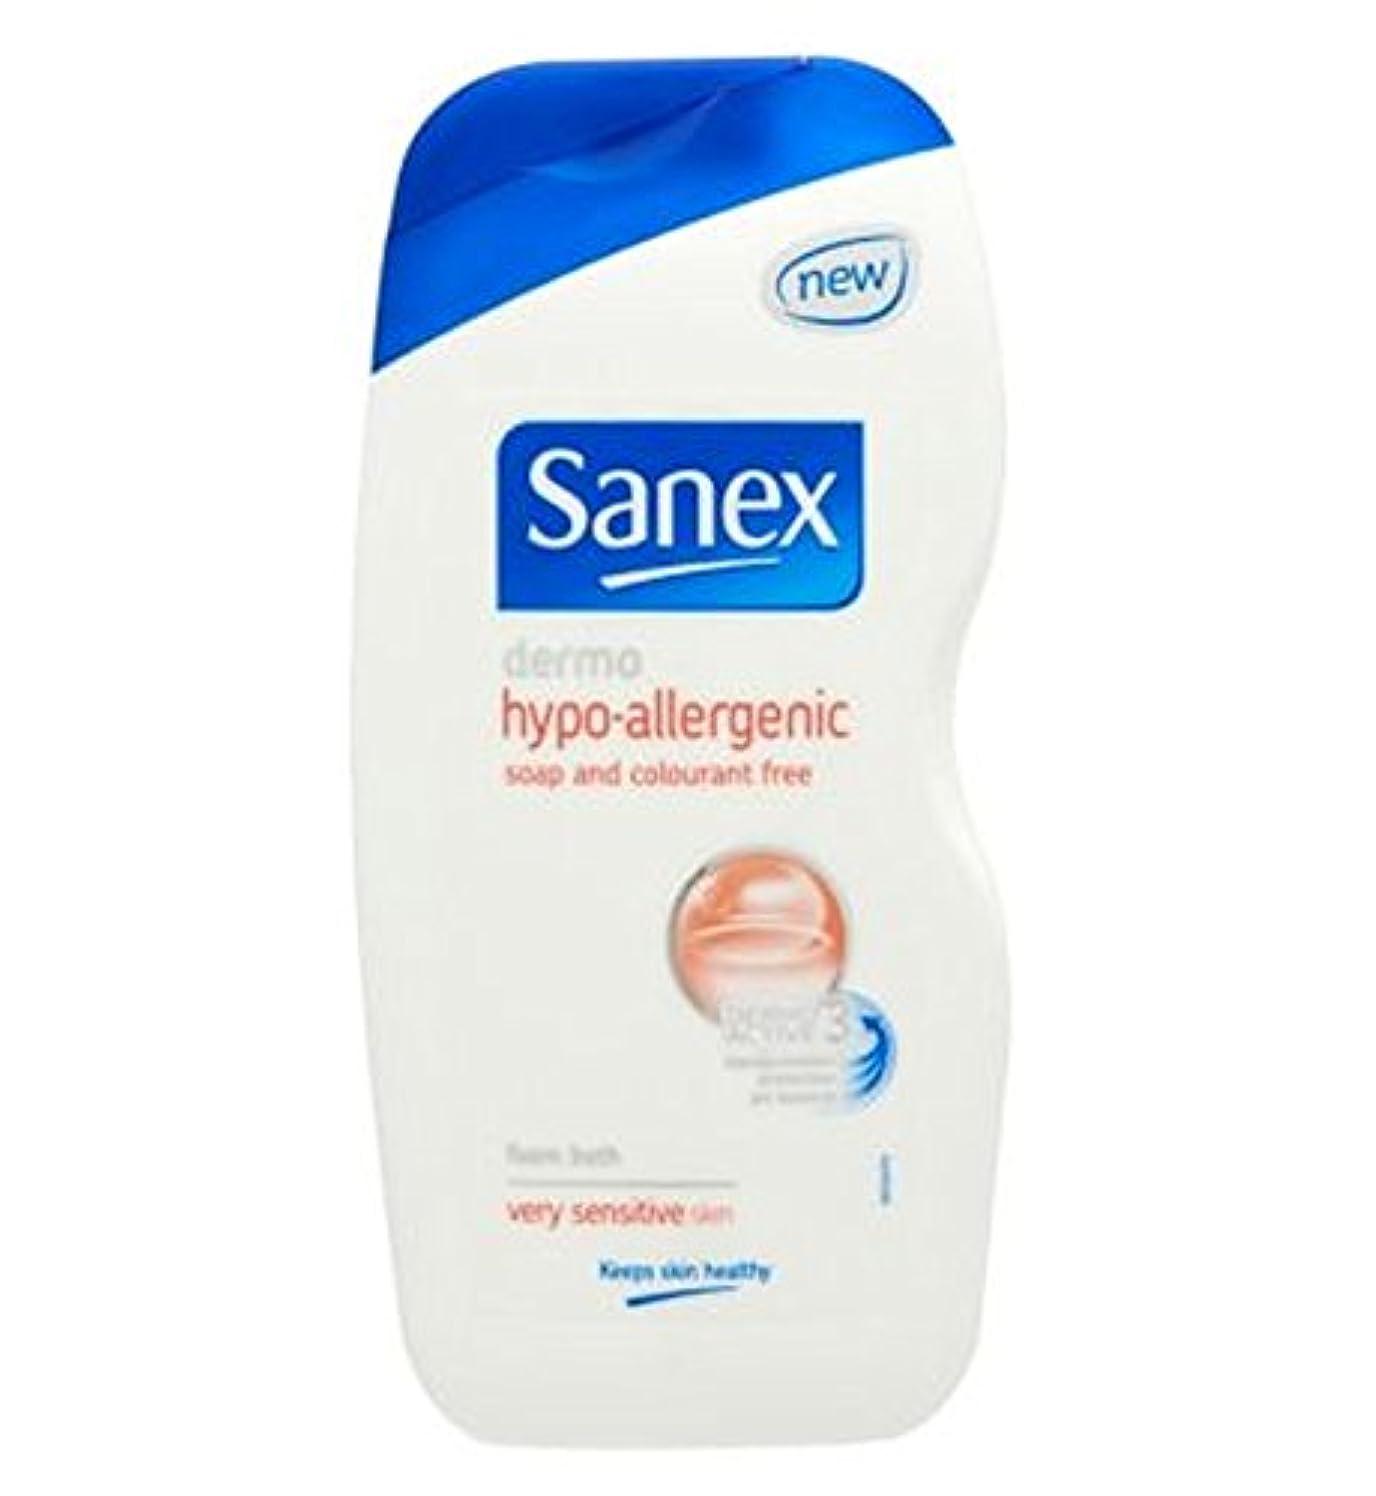 くしゃみ十観点Sanex Dermo Hypo Allergenic Very Sensitive Skin Foam Bath 500ml - Sanex真皮ハイポアレルギーの非常に敏感肌の泡風呂500ミリリットル (Sanex)...